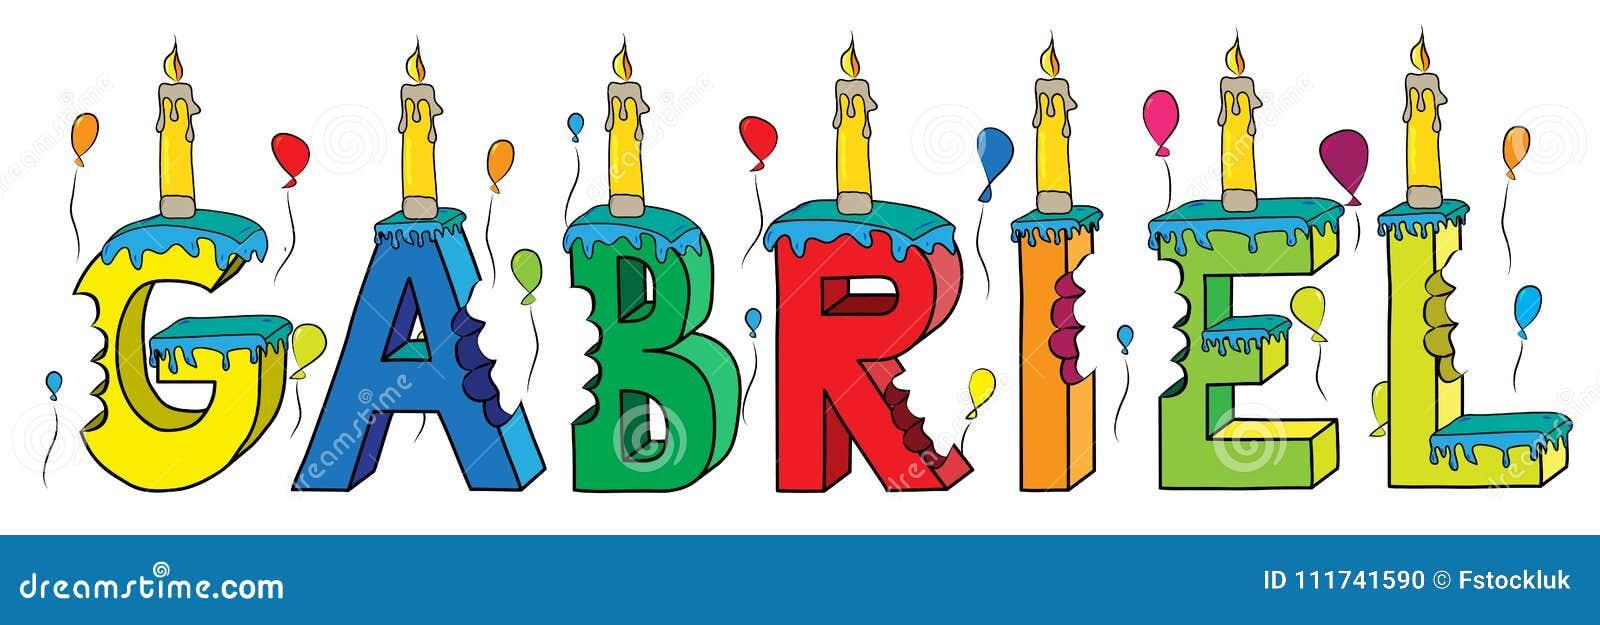 Bolo de aniversário colorido mordido da rotulação 3d de Gabriel nome masculino com velas e balões